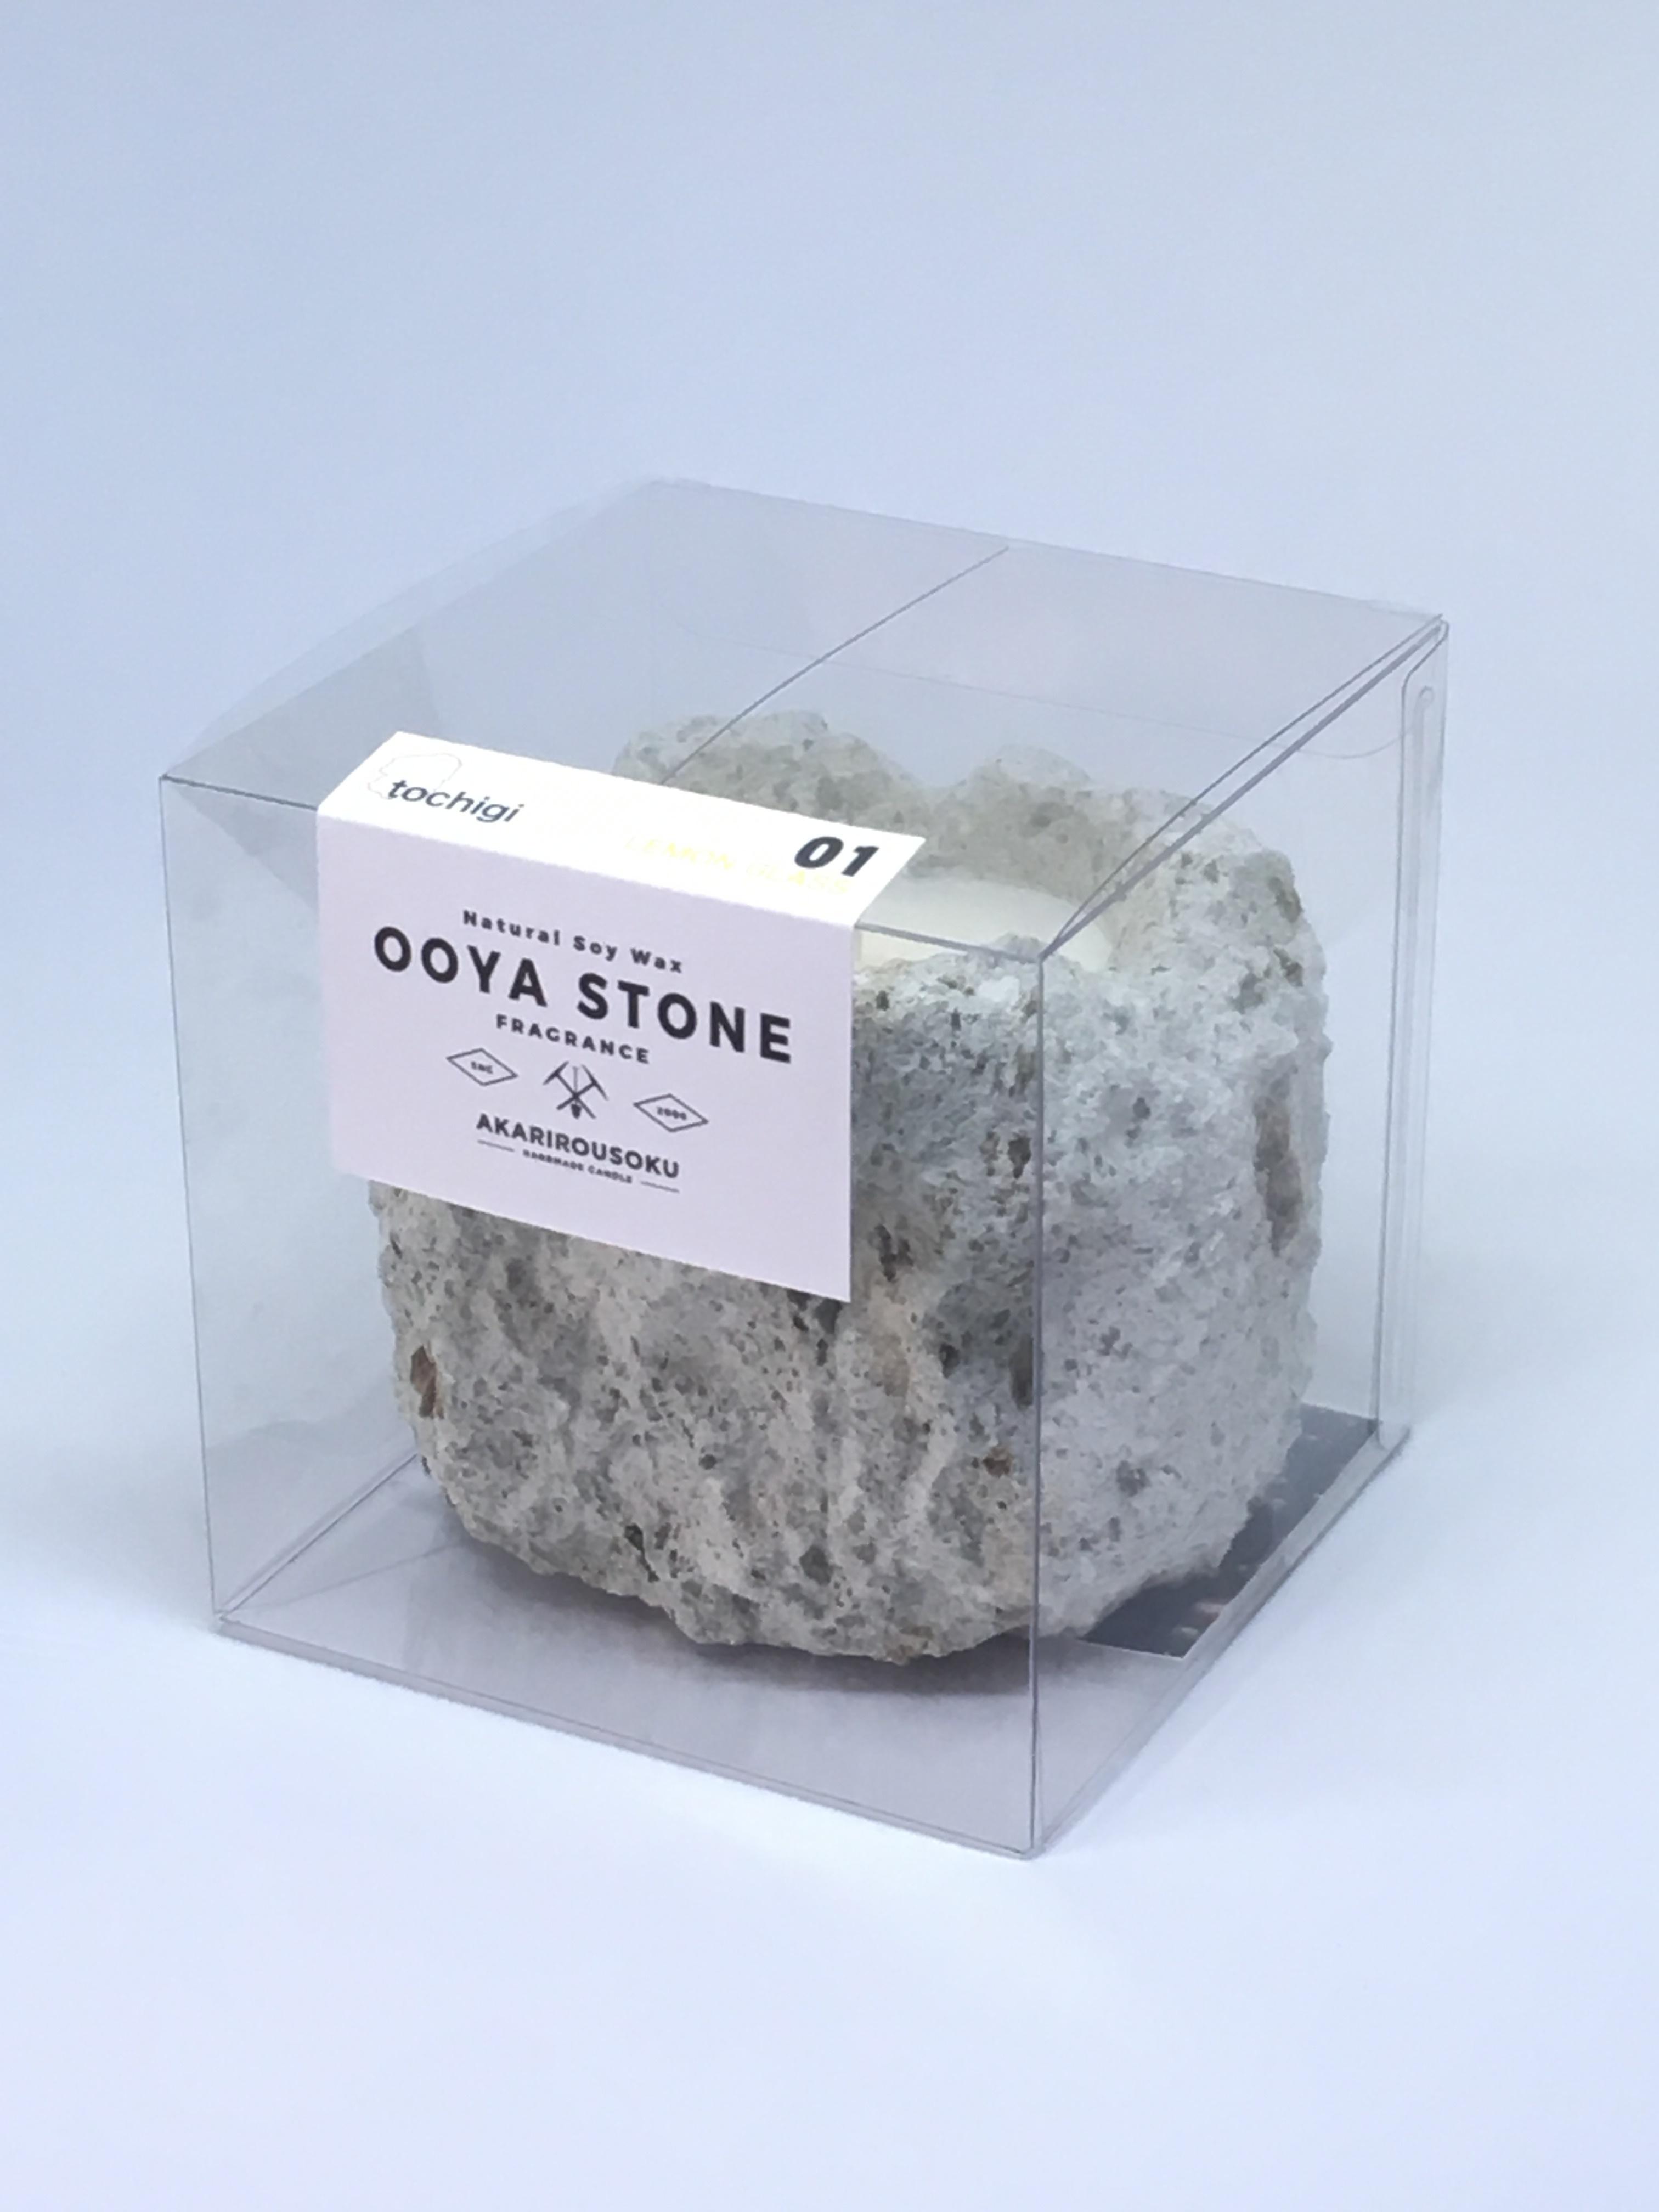 NEW★  OOYA STONE CANDLE (FRAGRANCE) 3000 大谷石ソイキャンドル 天然石